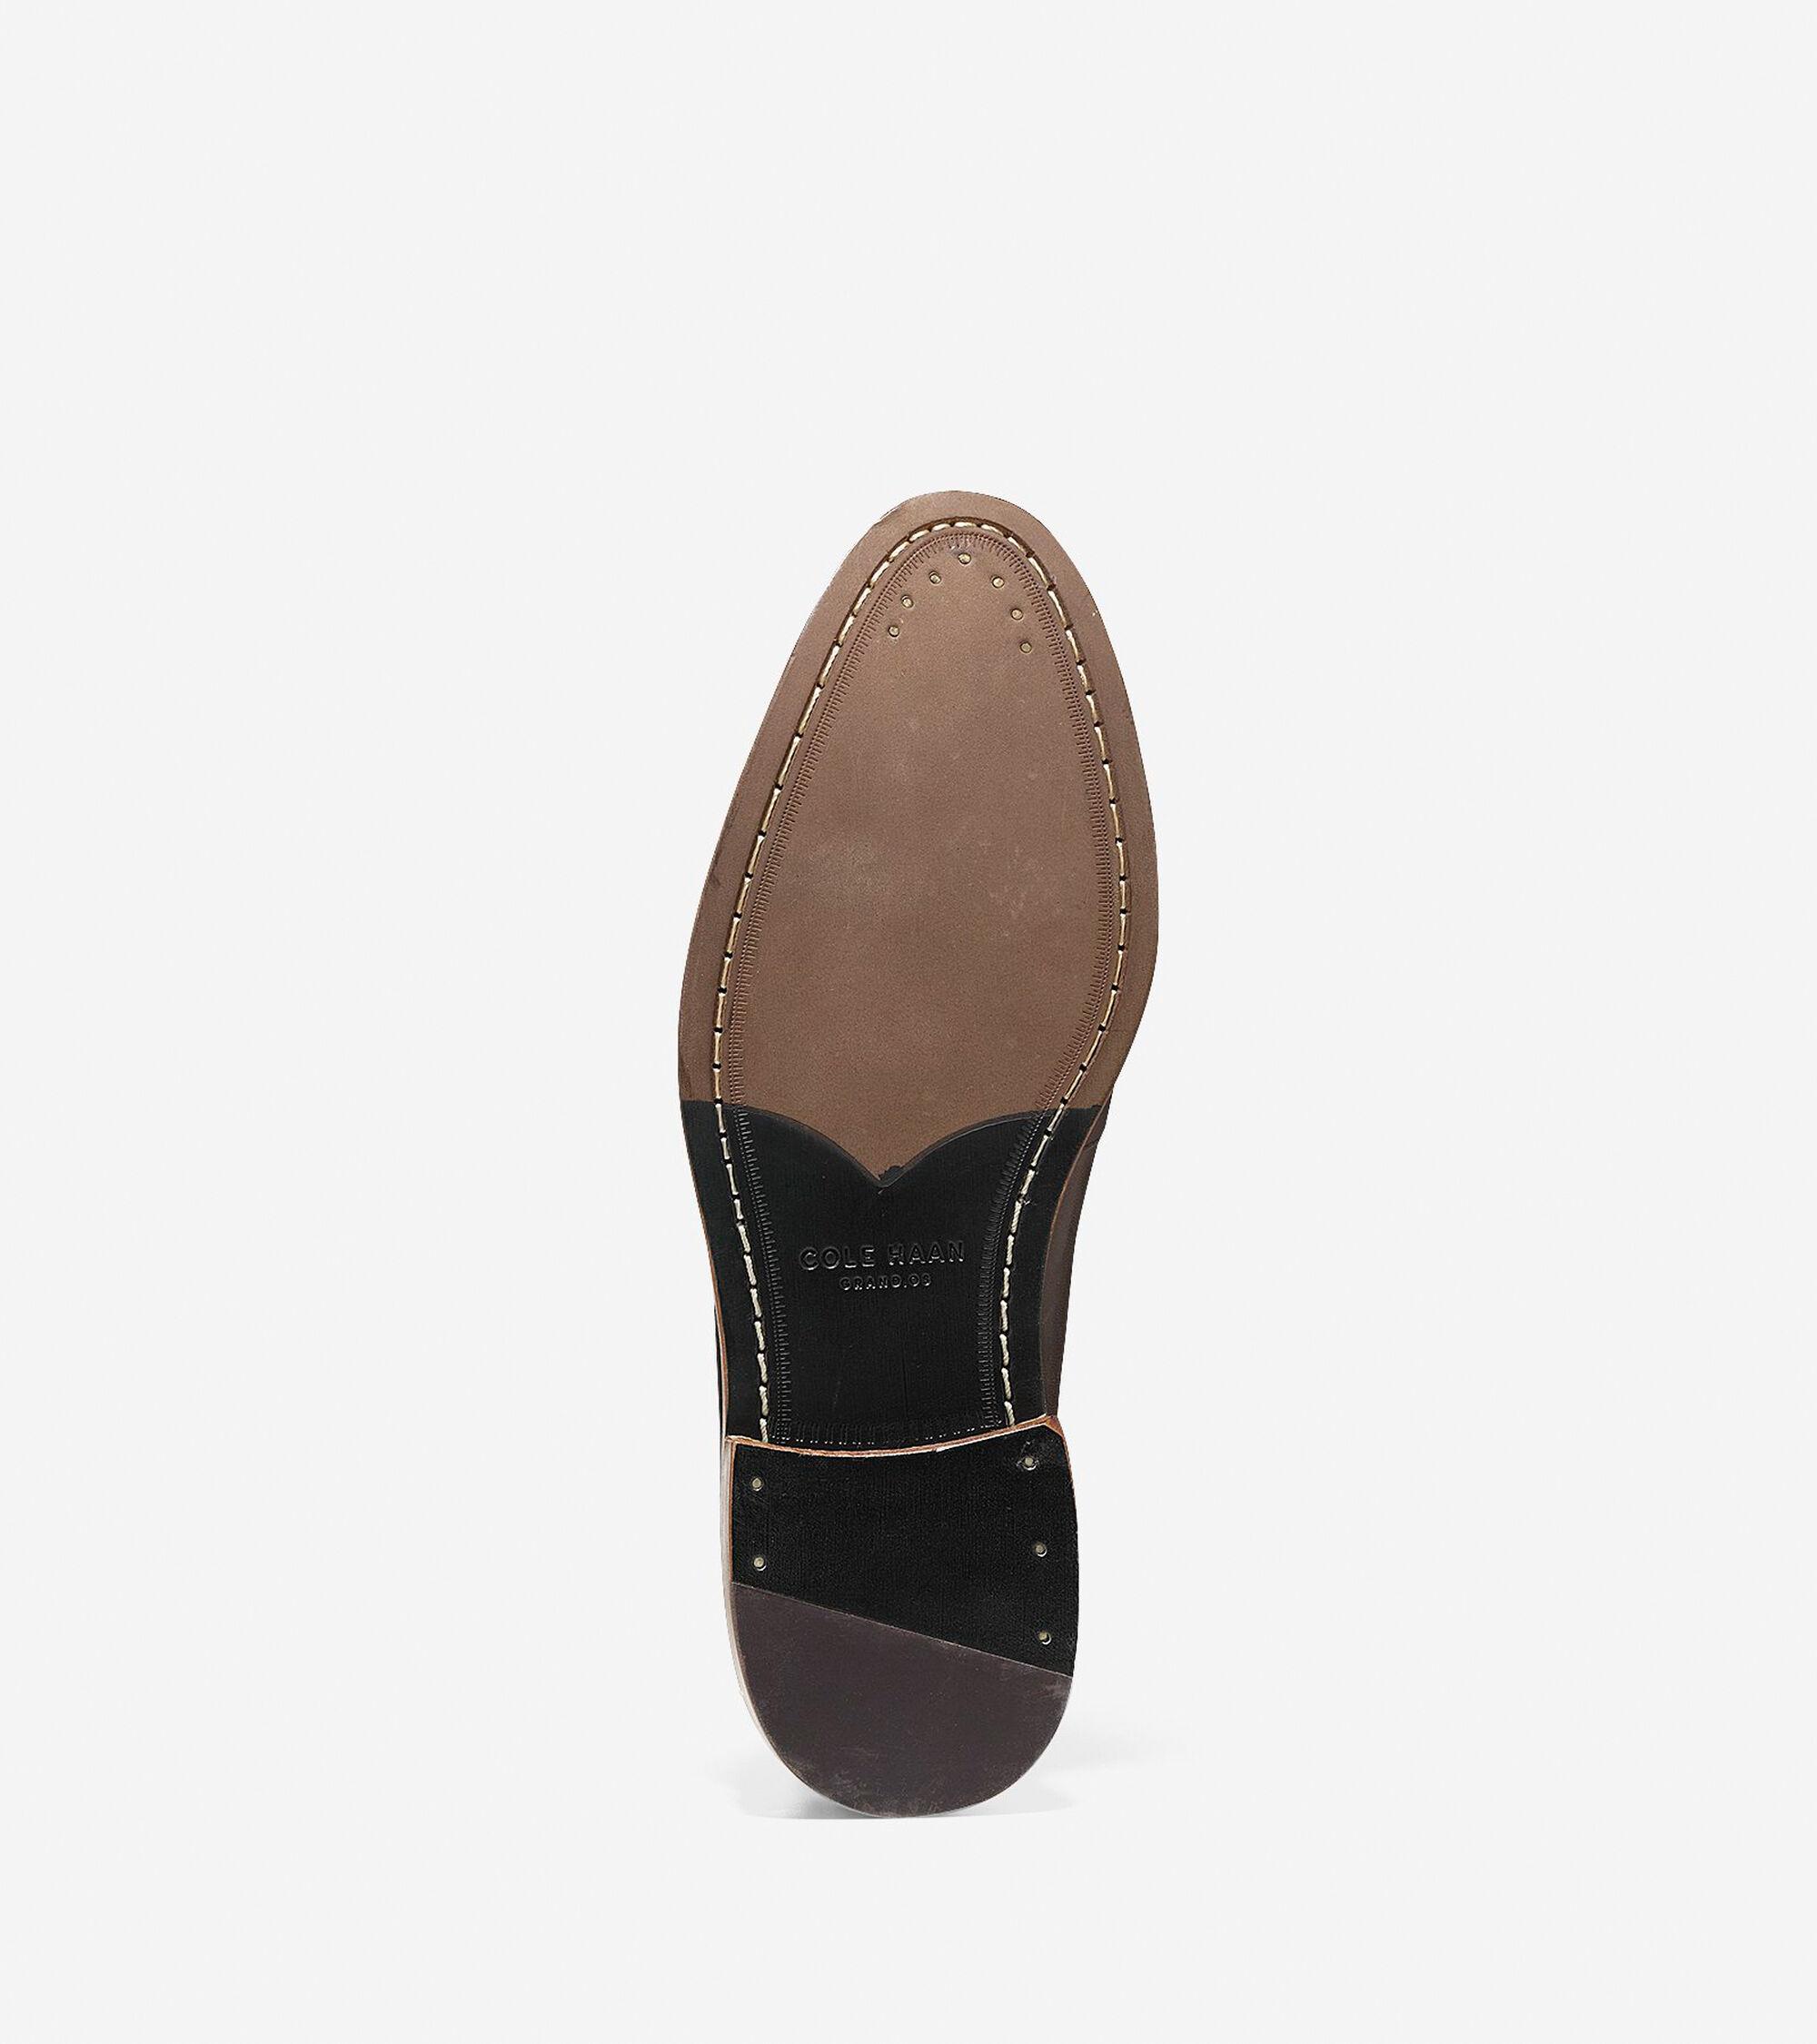 f1276cee894 Mens Pinch Gotham Bit Loafers in Chestnut